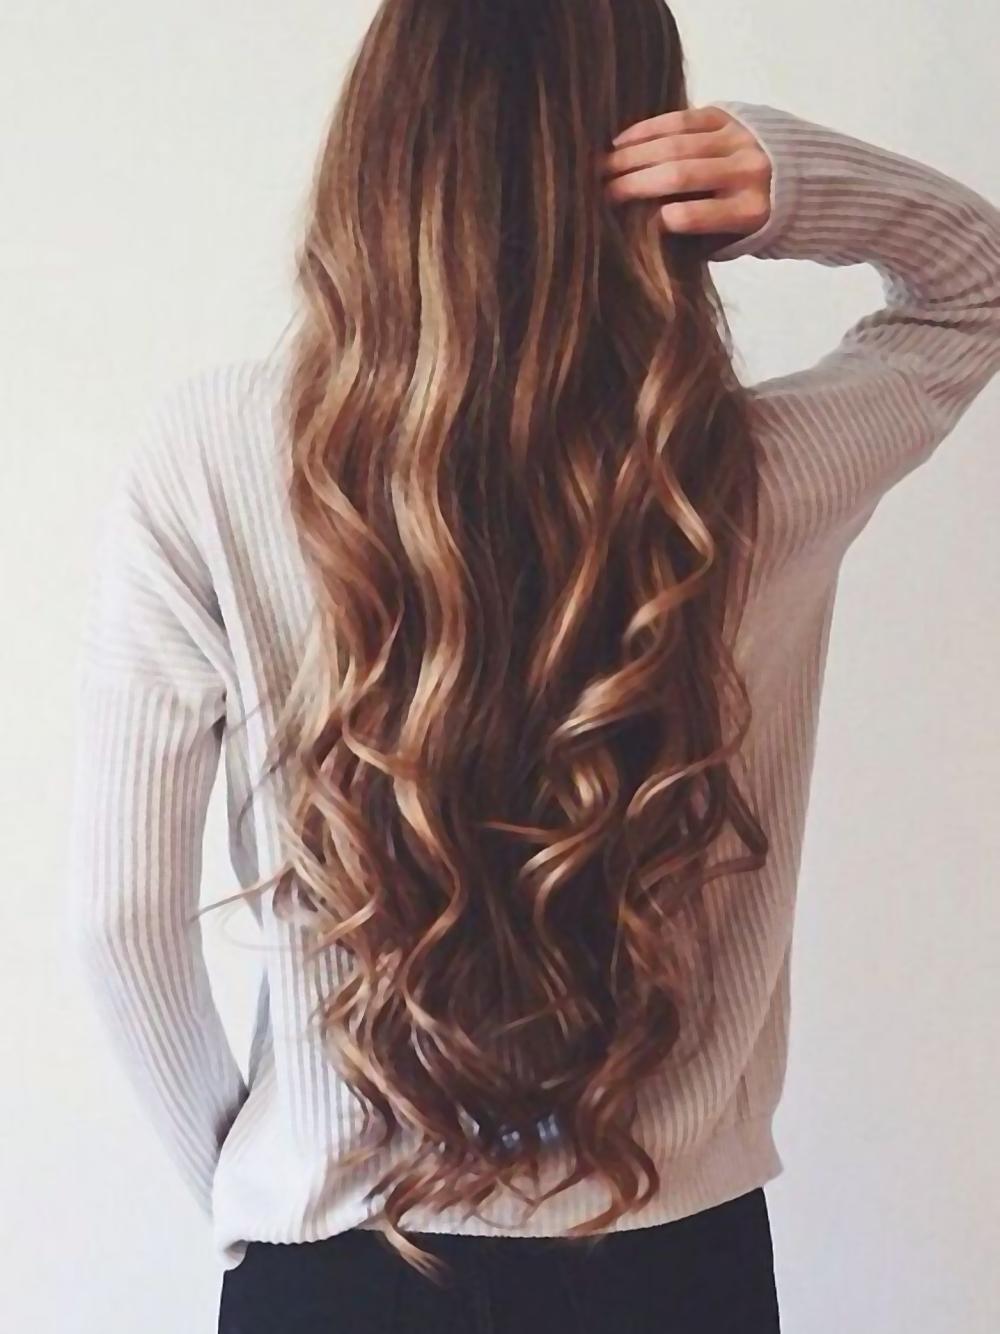 Haartrend: Das ist die neue Haarlänge, die 2017 alle tragen wollen